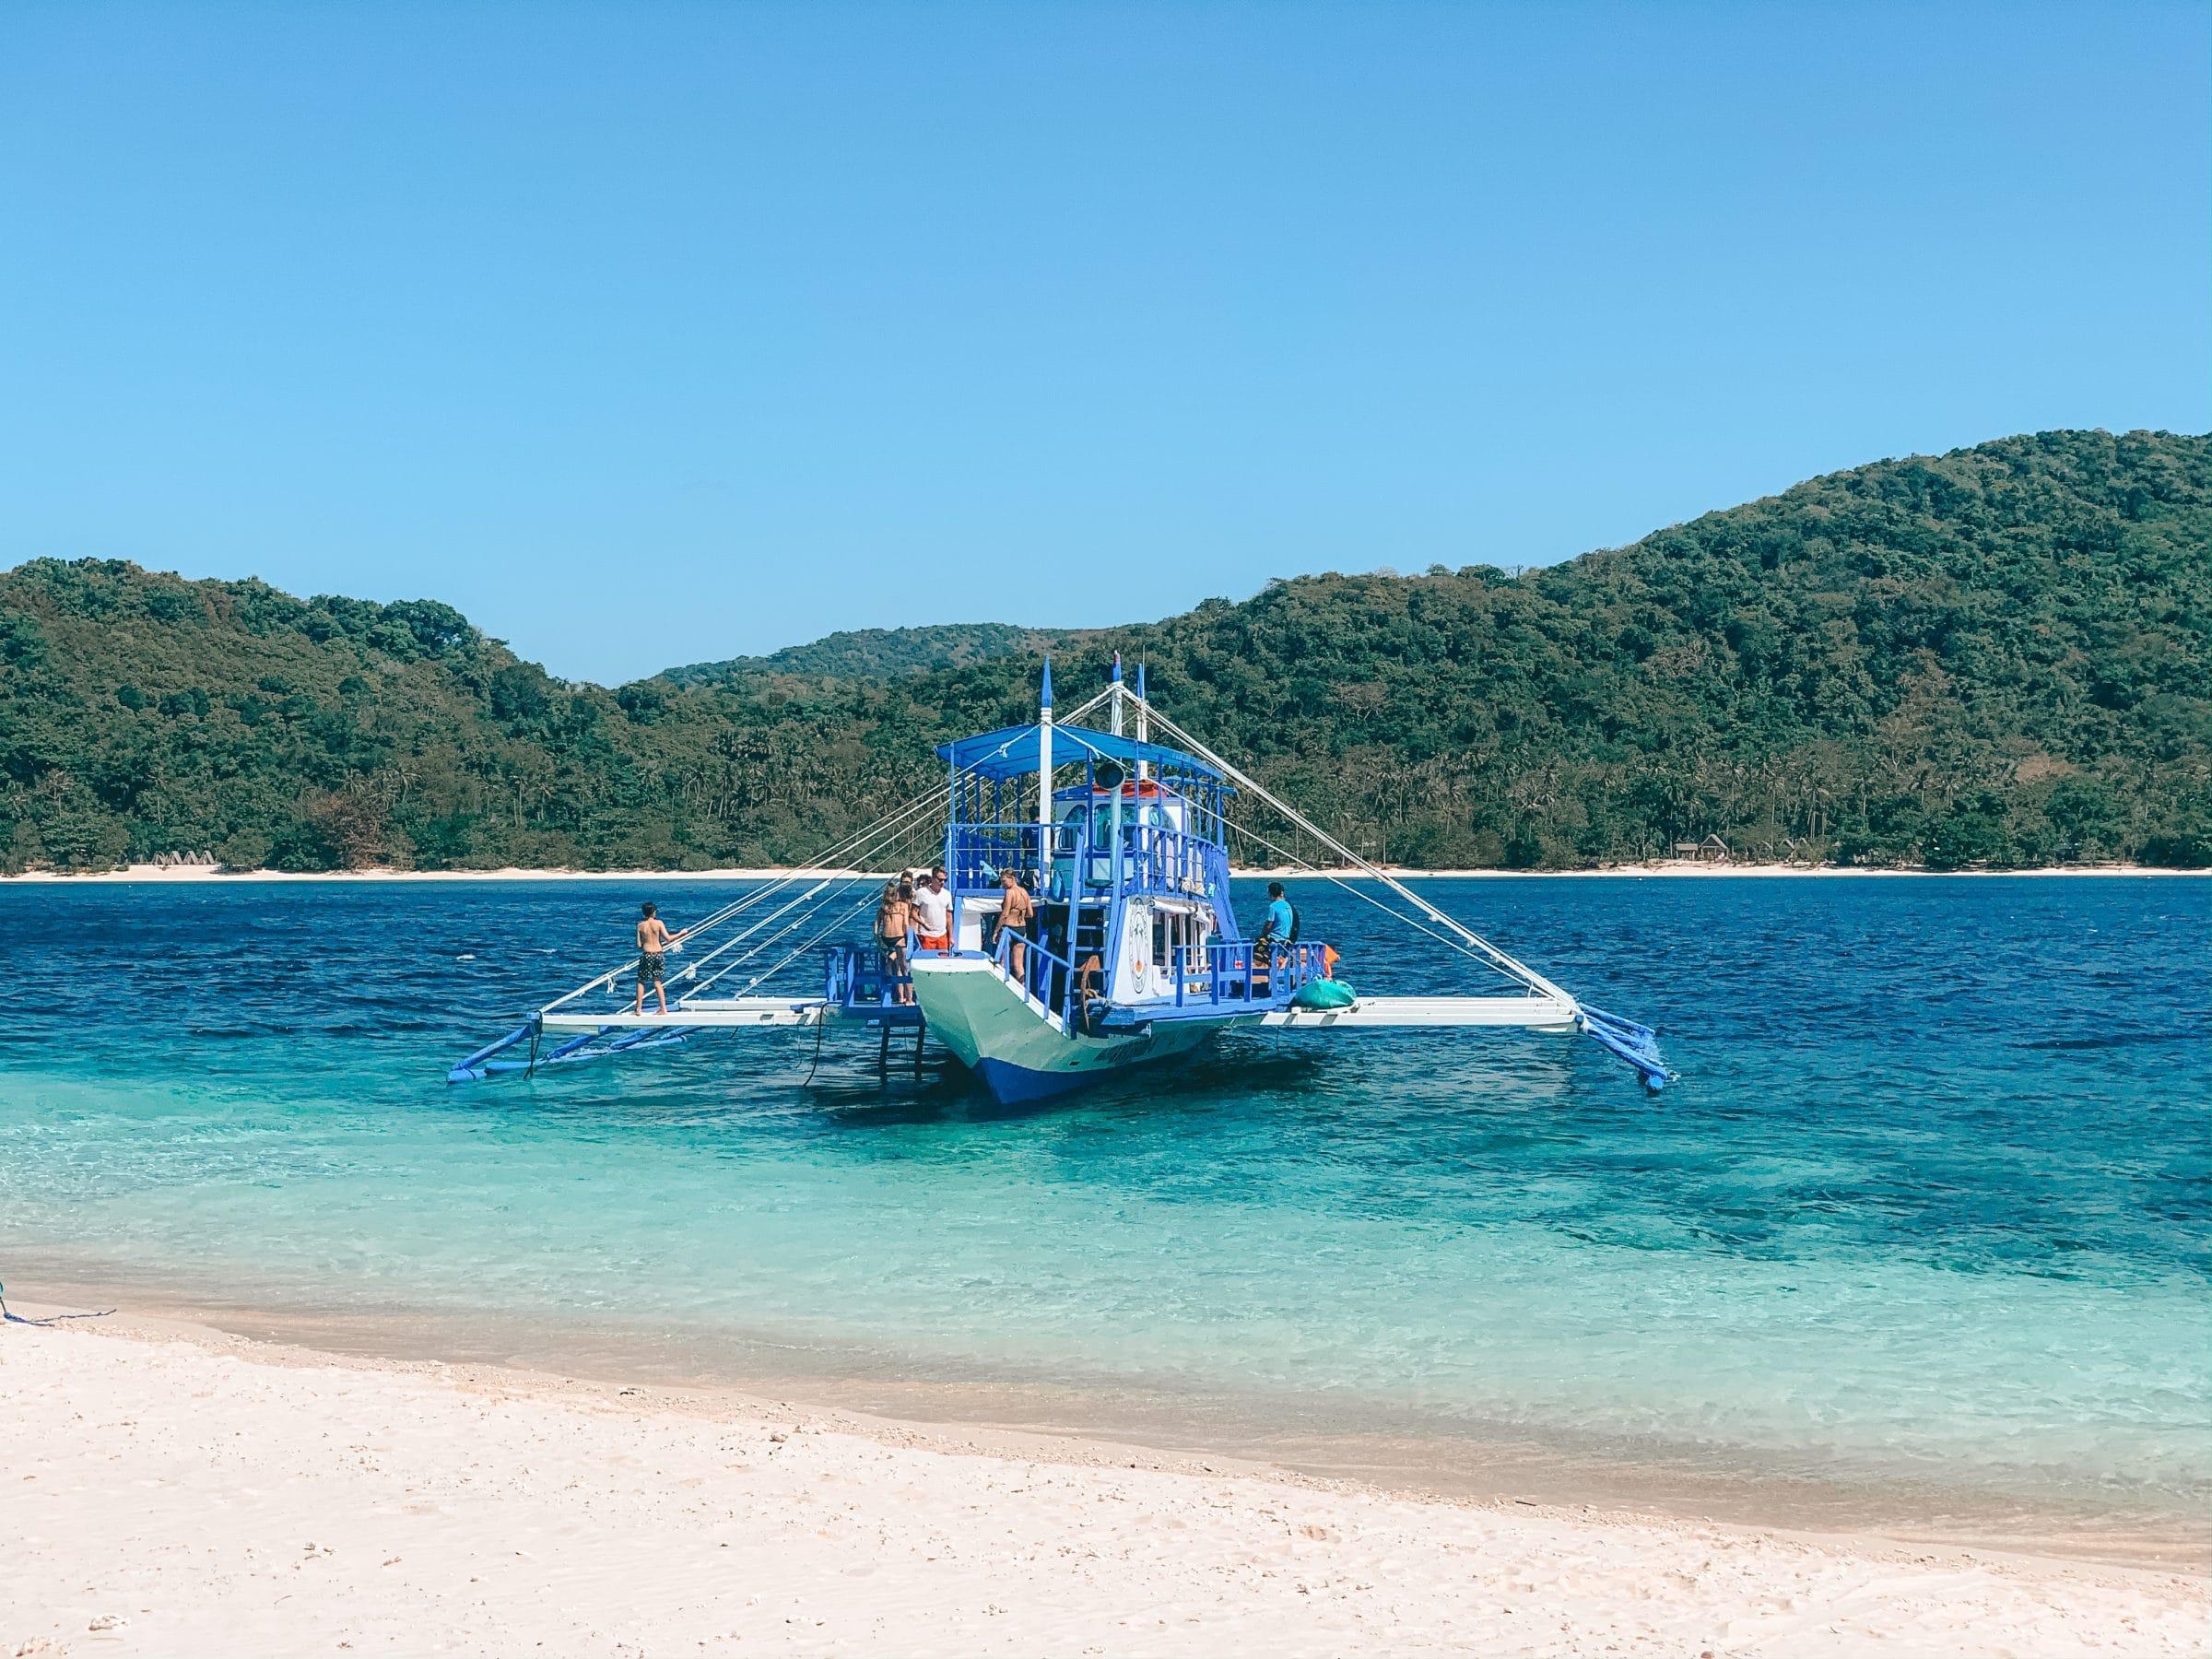 De boottocht van Coron naar El Nido, Filipijnen